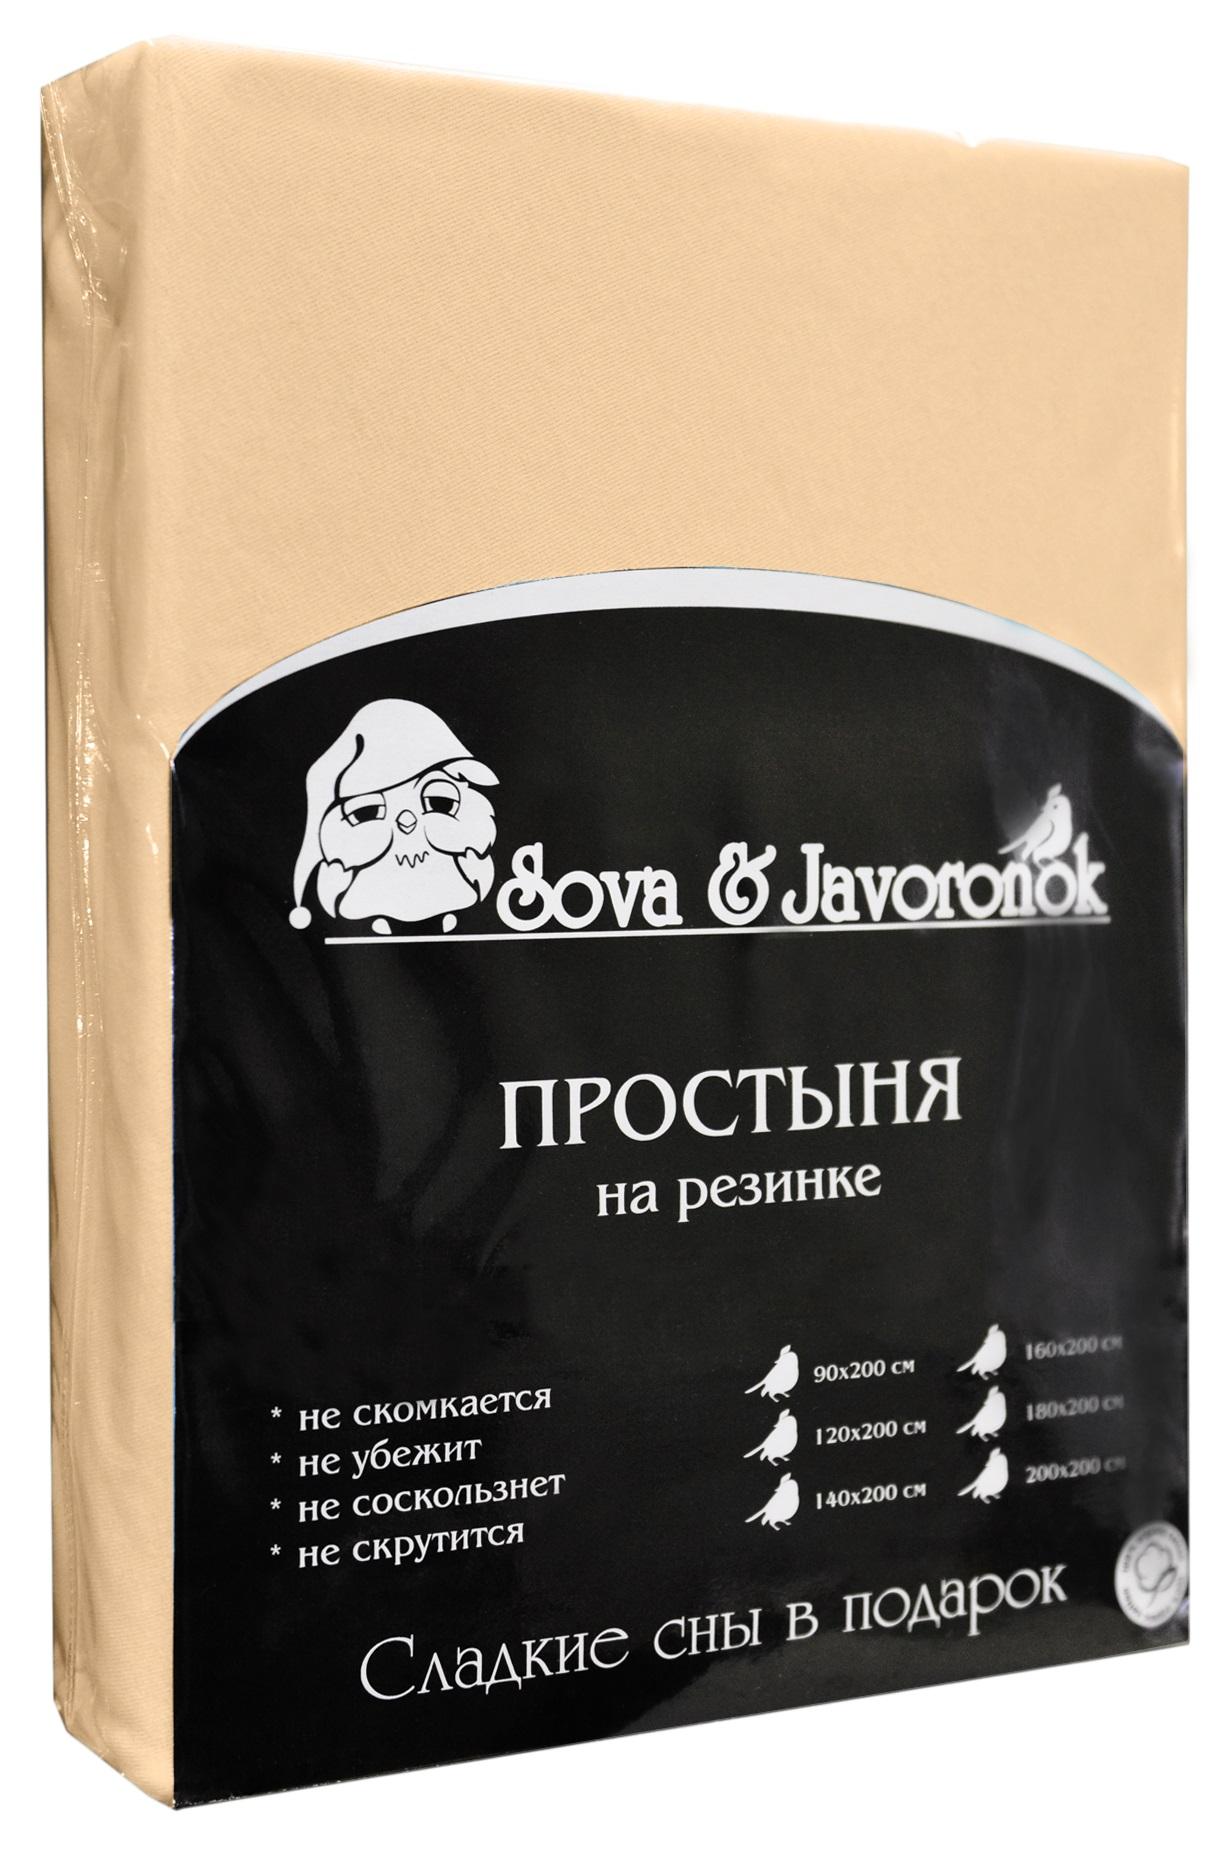 Простыня на резинке Sova & Javoronok, цвет: светло-бежевый, 90 х 200 см0803113689Простыня на резинке Sova & Javoronok, изготовленная из трикотажной ткани (100% хлопок), будет превосходно смотреться с любыми комплектами белья. Хлопчатобумажный трикотаж по праву считается одним из самых качественных, прочных и при этом приятных на ощупь. Его гигиеничность позволяет использовать простыню и в детских комнатах, к тому же 100%-ый хлопок в составе ткани не вызовет аллергии. У трикотажного полотна очень интересная структура, немного рыхлая за счет отсутствия плотного переплетения нитей и наличия особых петель, благодаря этому простыня Сова и Жаворонок отлично пропускает воздух и способствует его постоянной циркуляции. Поэтому ваша постель будет всегда оставаться свежей. Но главное и, пожалуй, самое известное свойство трикотажа - это его великолепная растяжимость, поэтому эта ткань и была выбрана для натяжной простыни на резинке. Простыня прошита резинкой по всему периметру, что обеспечивает более комфортный отдых, так как она прочно удерживается на матрасе и...